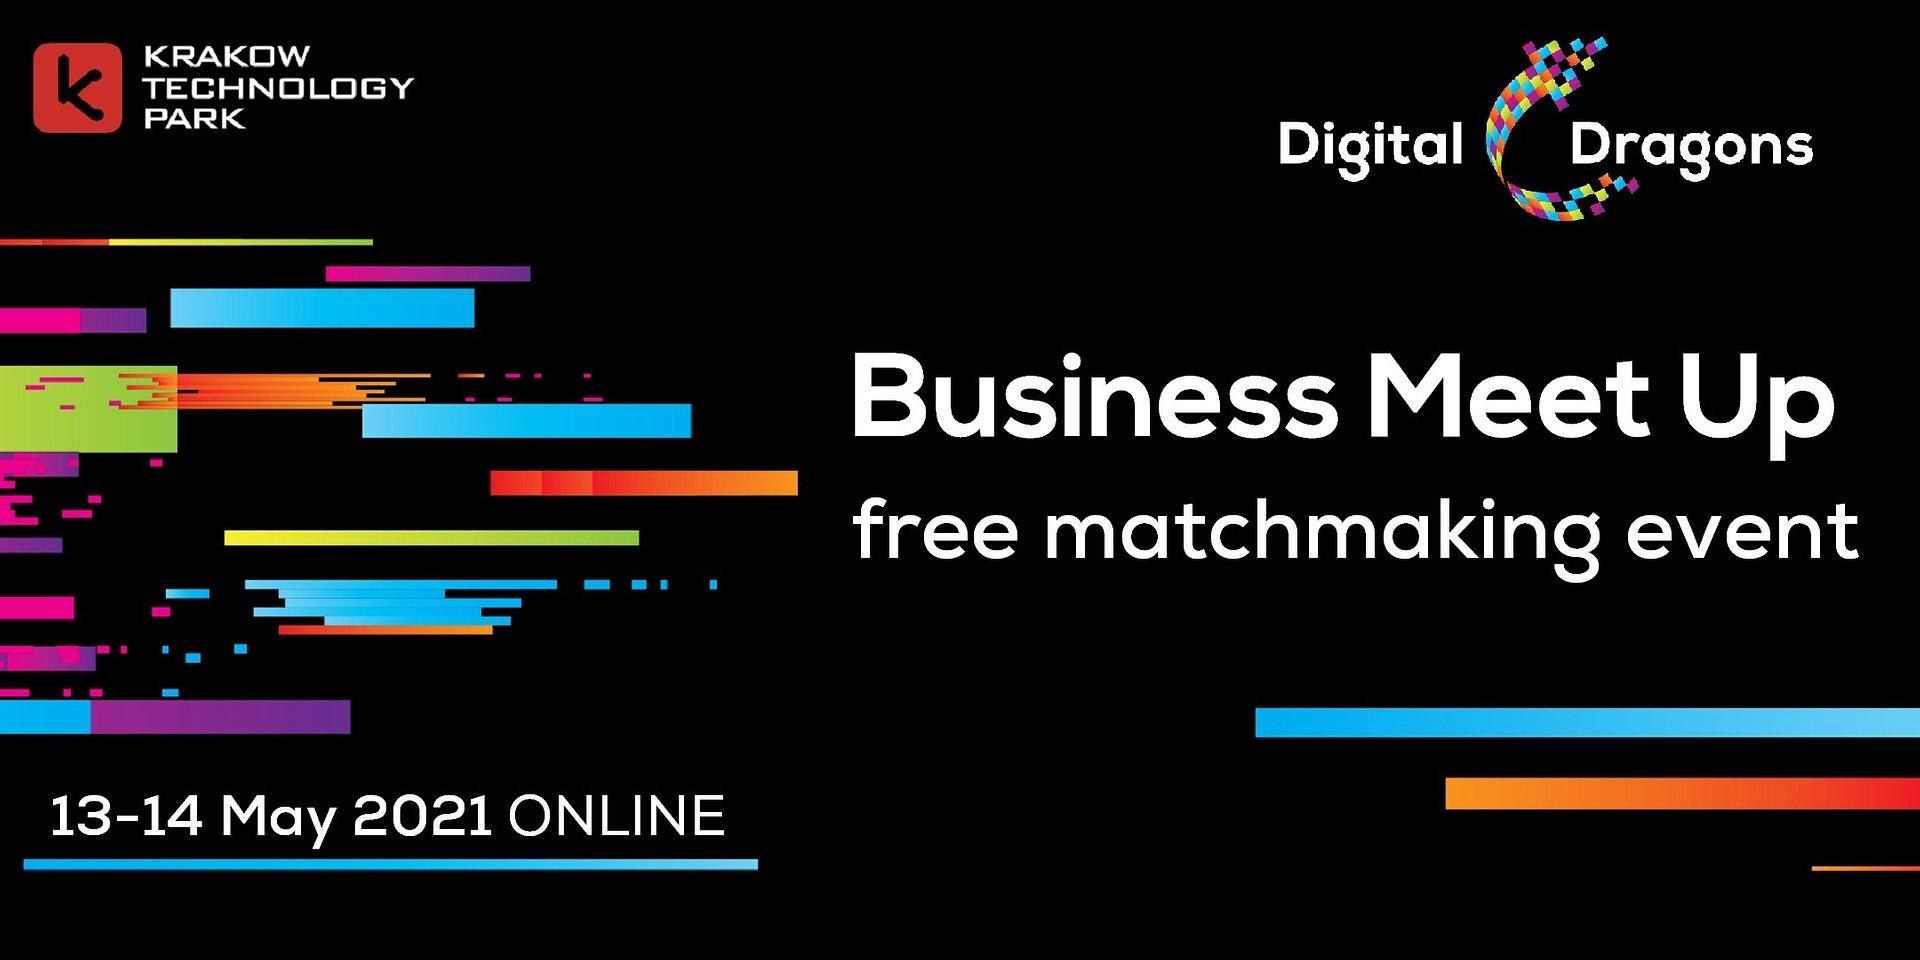 Регистрируйтесь на майском мероприятии Digital Dragons Business Meet Up бесплатно! Уже сейчас!